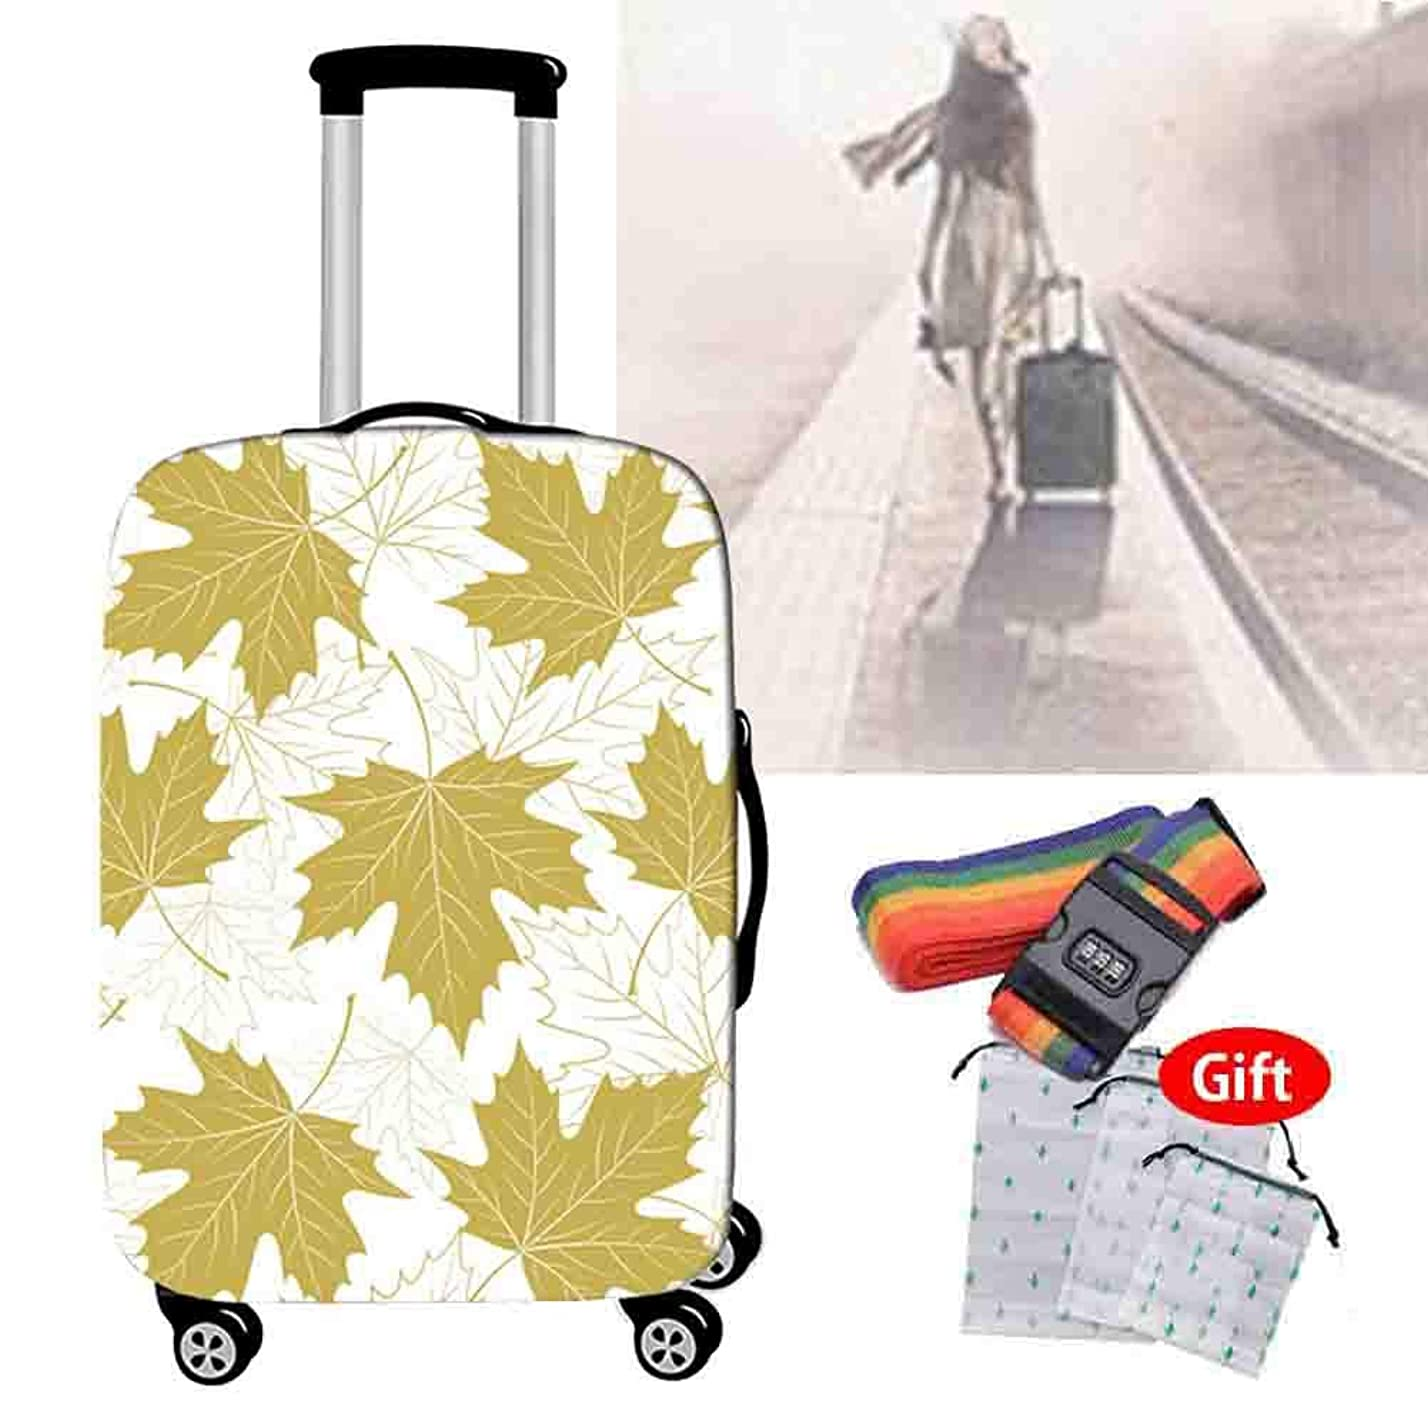 ほとんどない究極の打倒18-32インチスーツケースカバー高弾性ウェアホーム旅行通気性の防水?防塵保護カバー